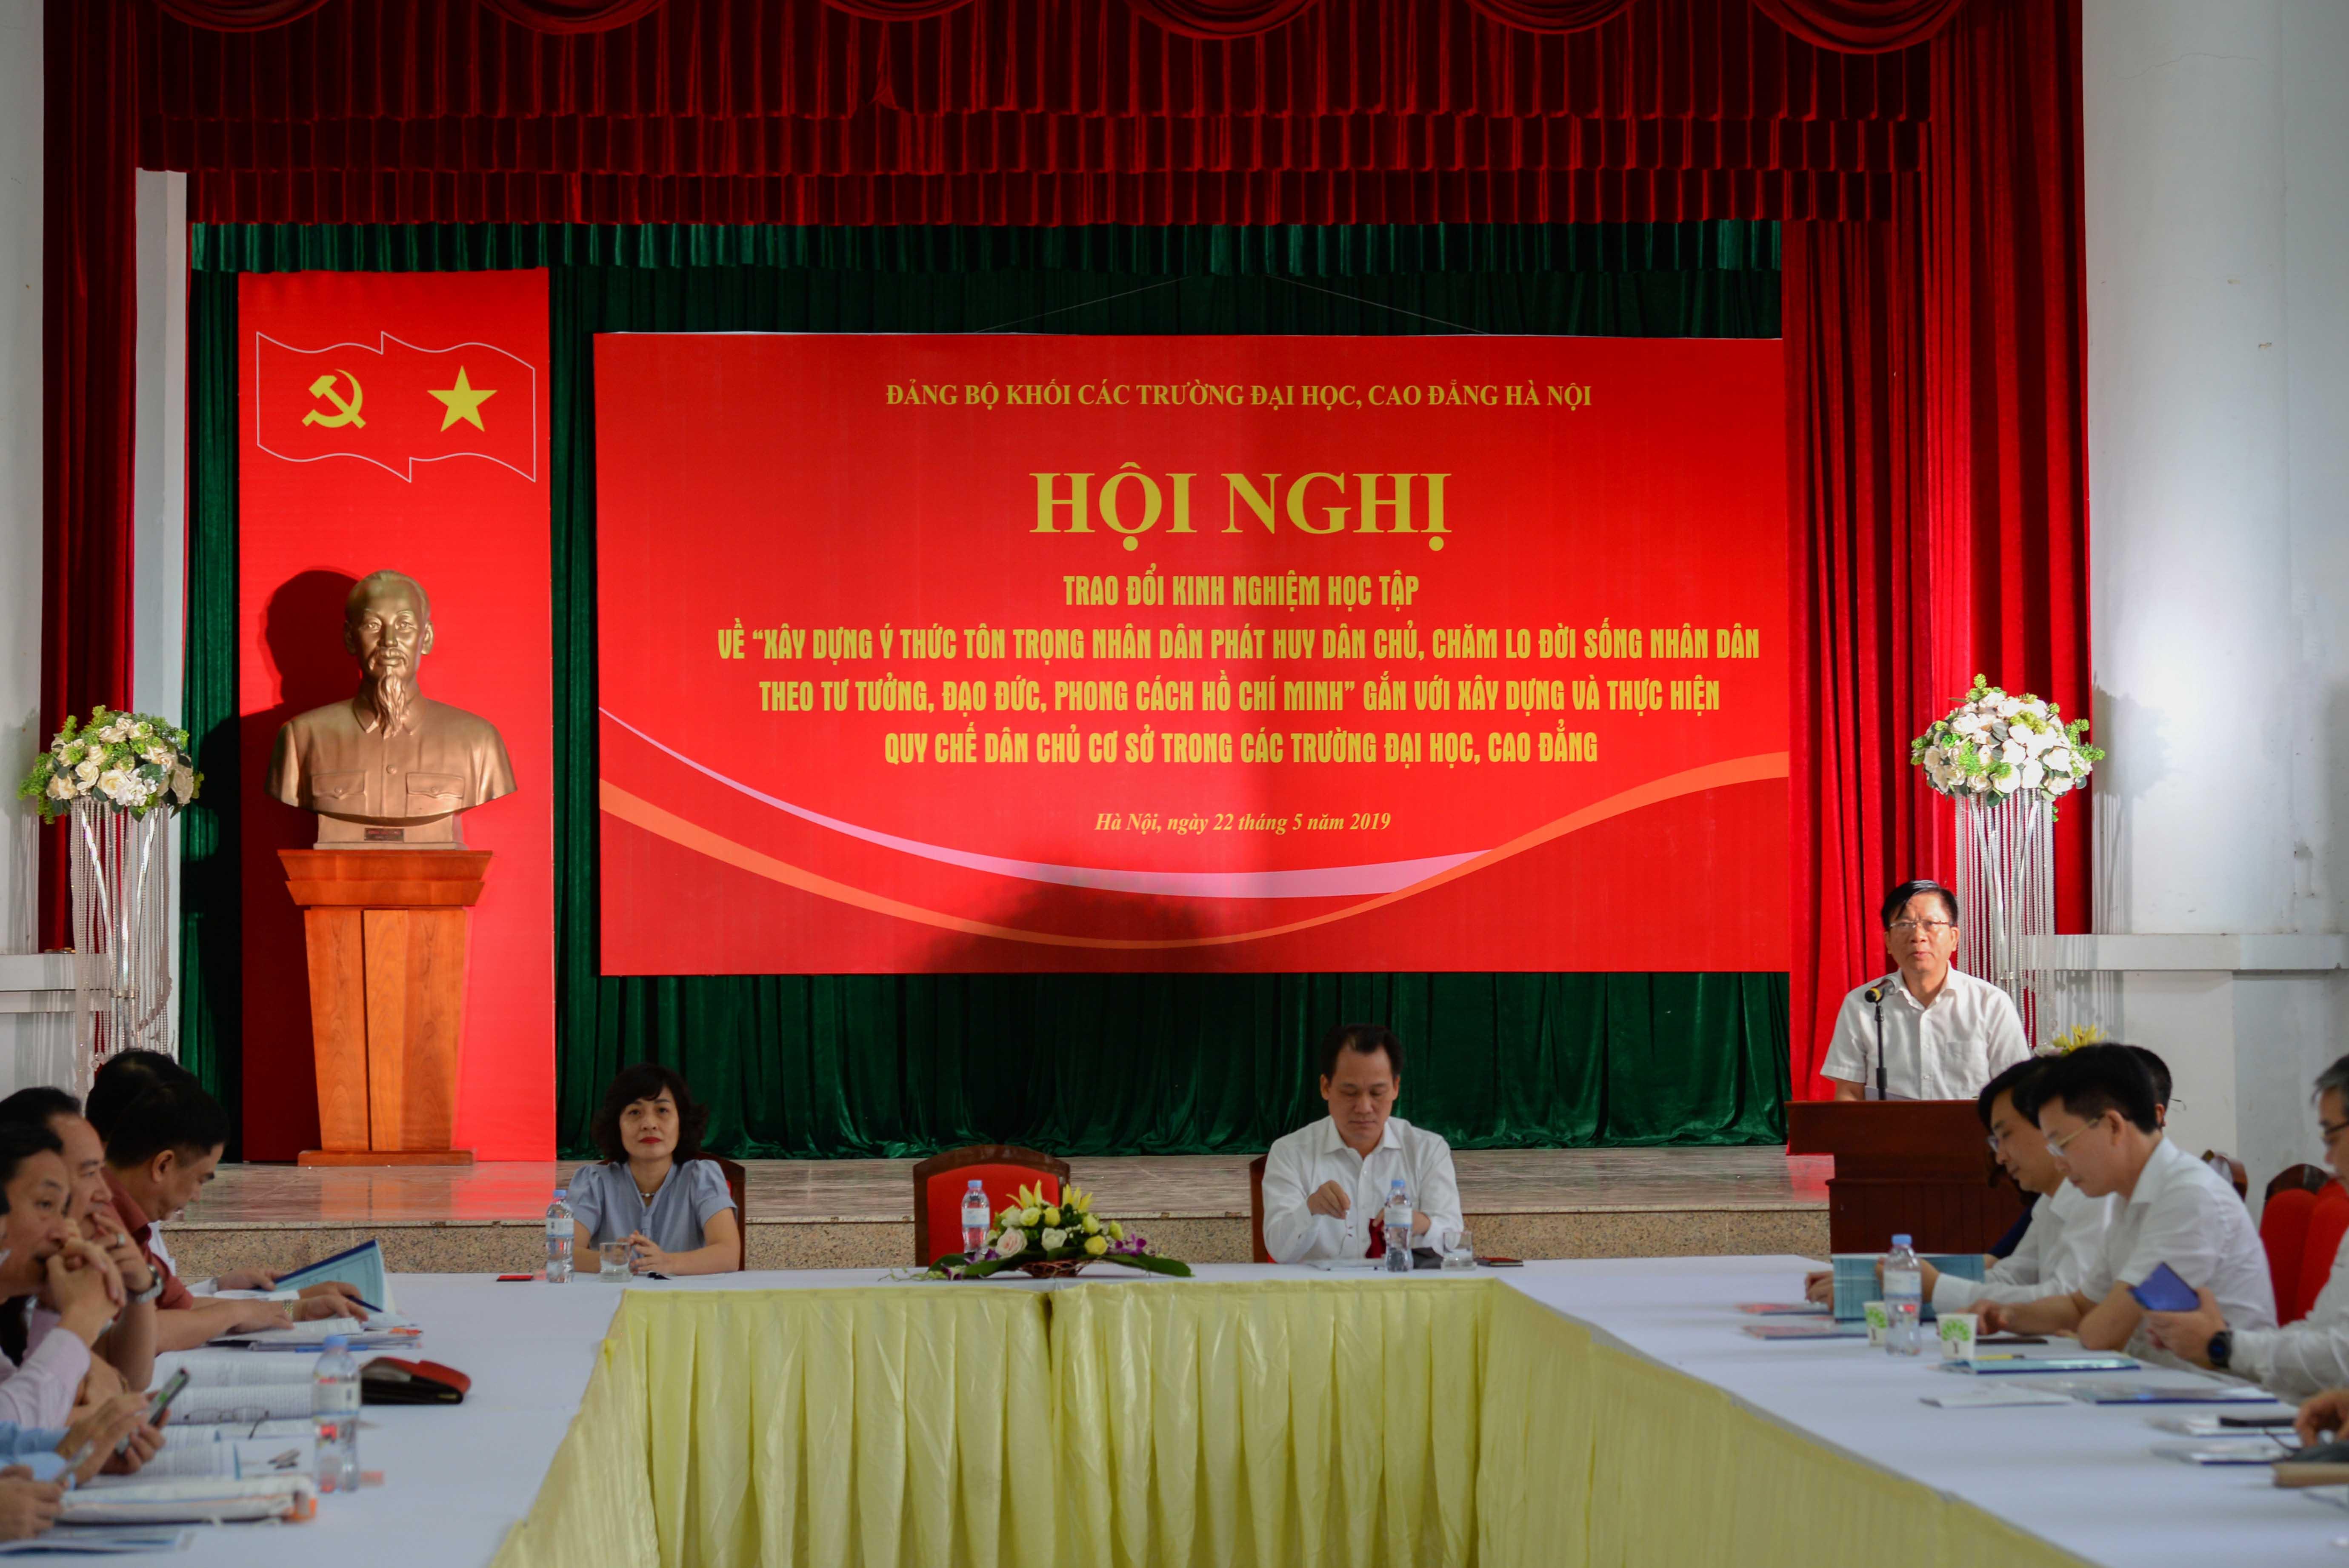 """Hội nghị trao đổi kinh nghiệm về """"Xây dựng ý thức tôn trọng nhân dân, phát huy dân chủ, chăm lo đời sống nhân dân theo tư tưởng, đạo đức, phong cách Hồ Chí Minh"""" trong các trường đại học, cao đẳng"""